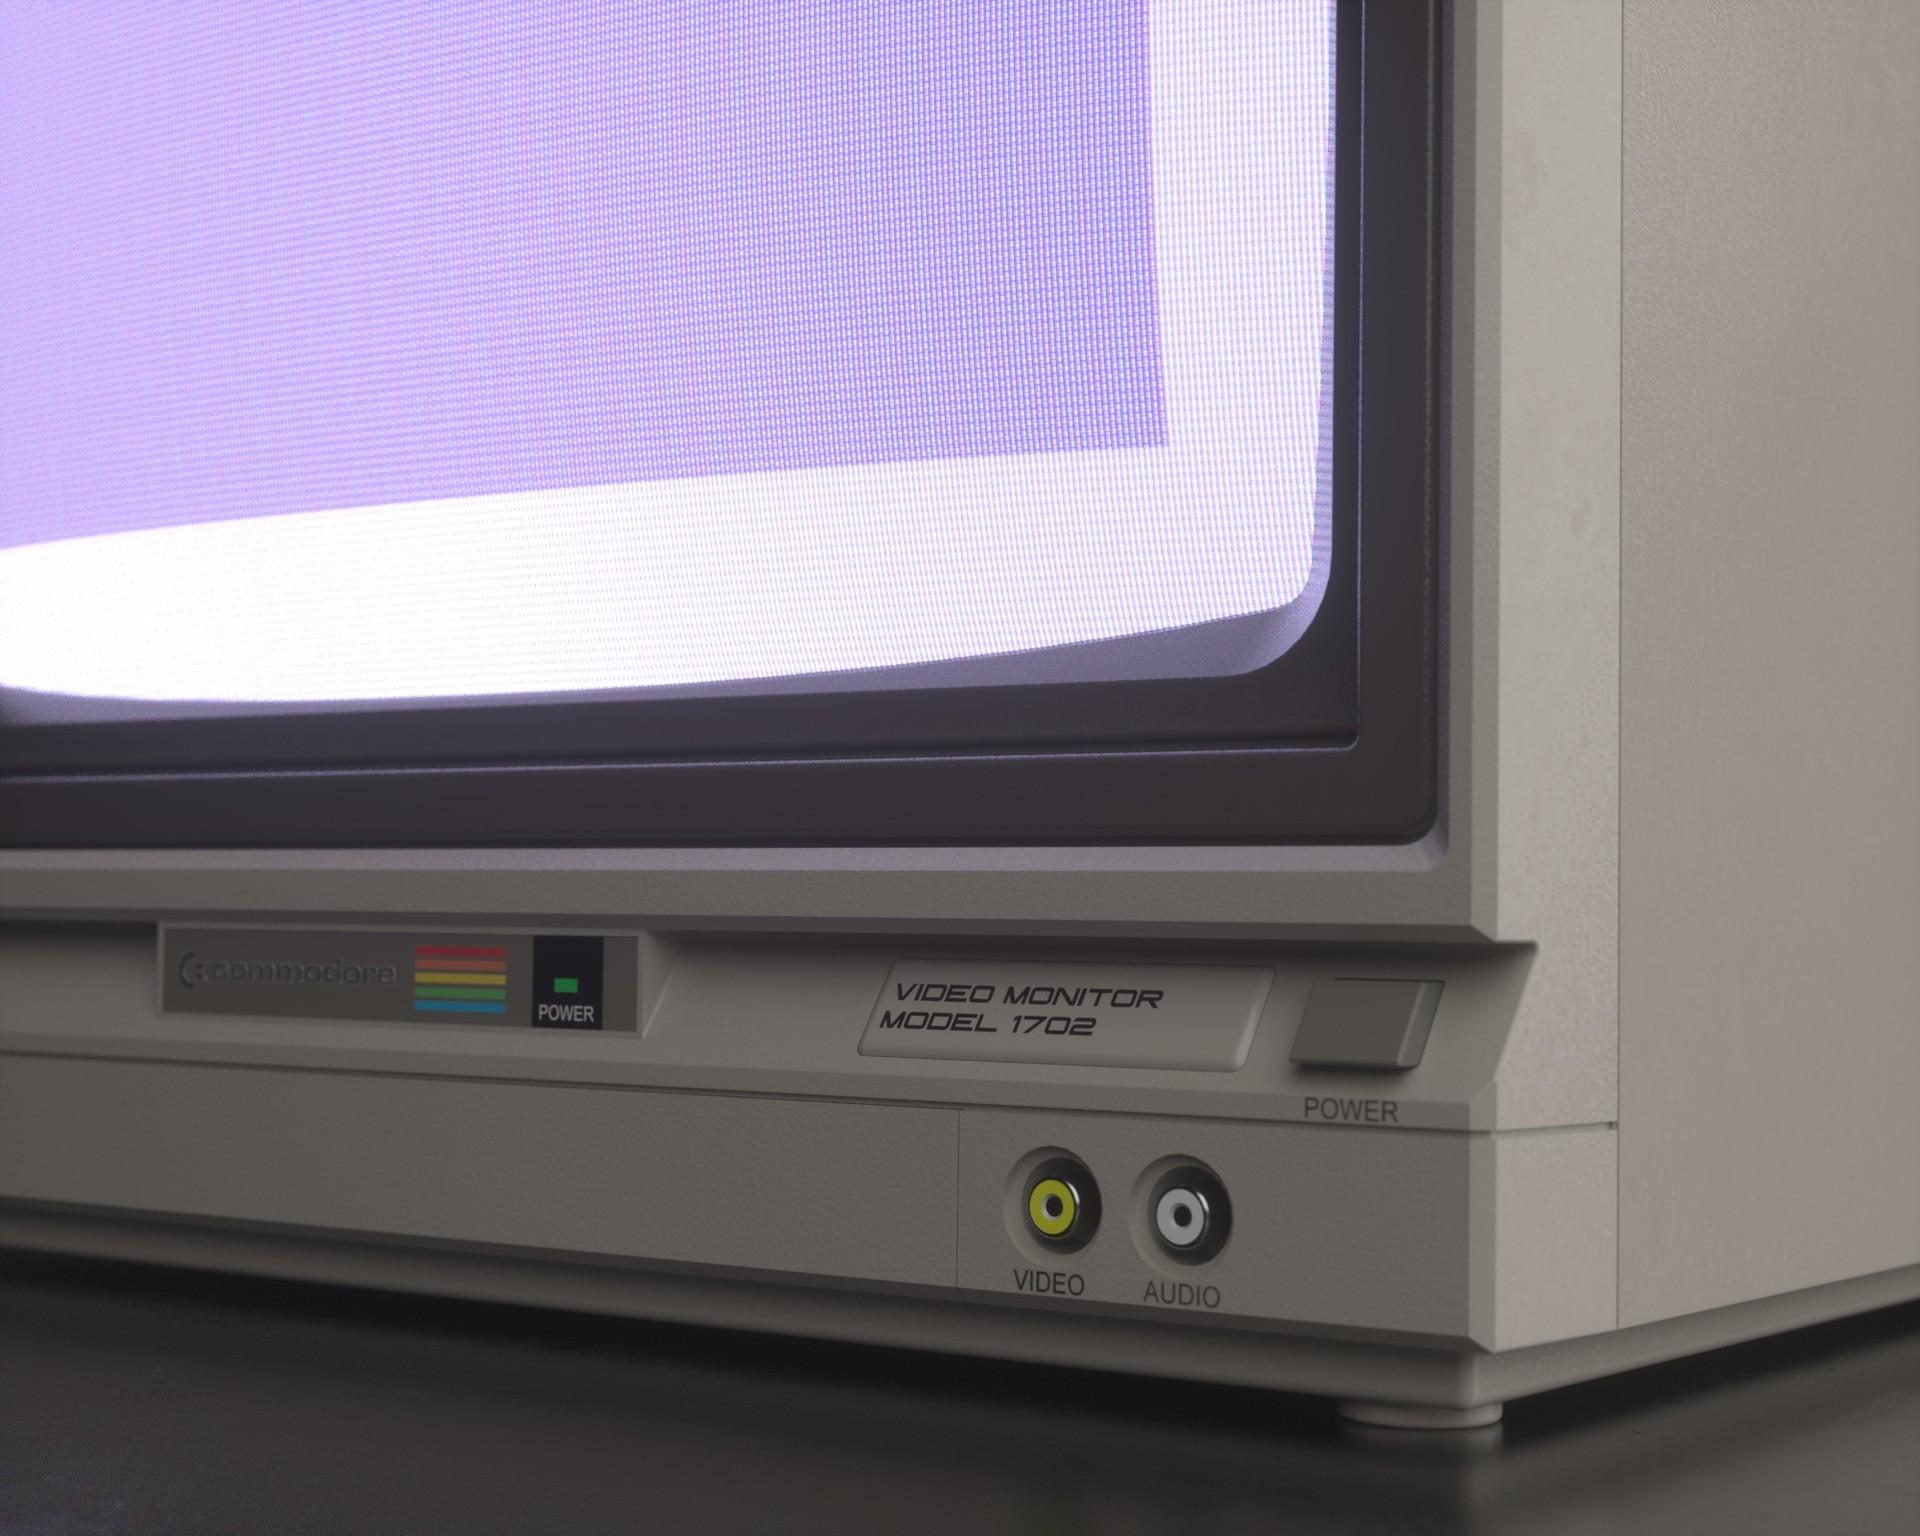 Cem tezcan c64 monitor 2 00002